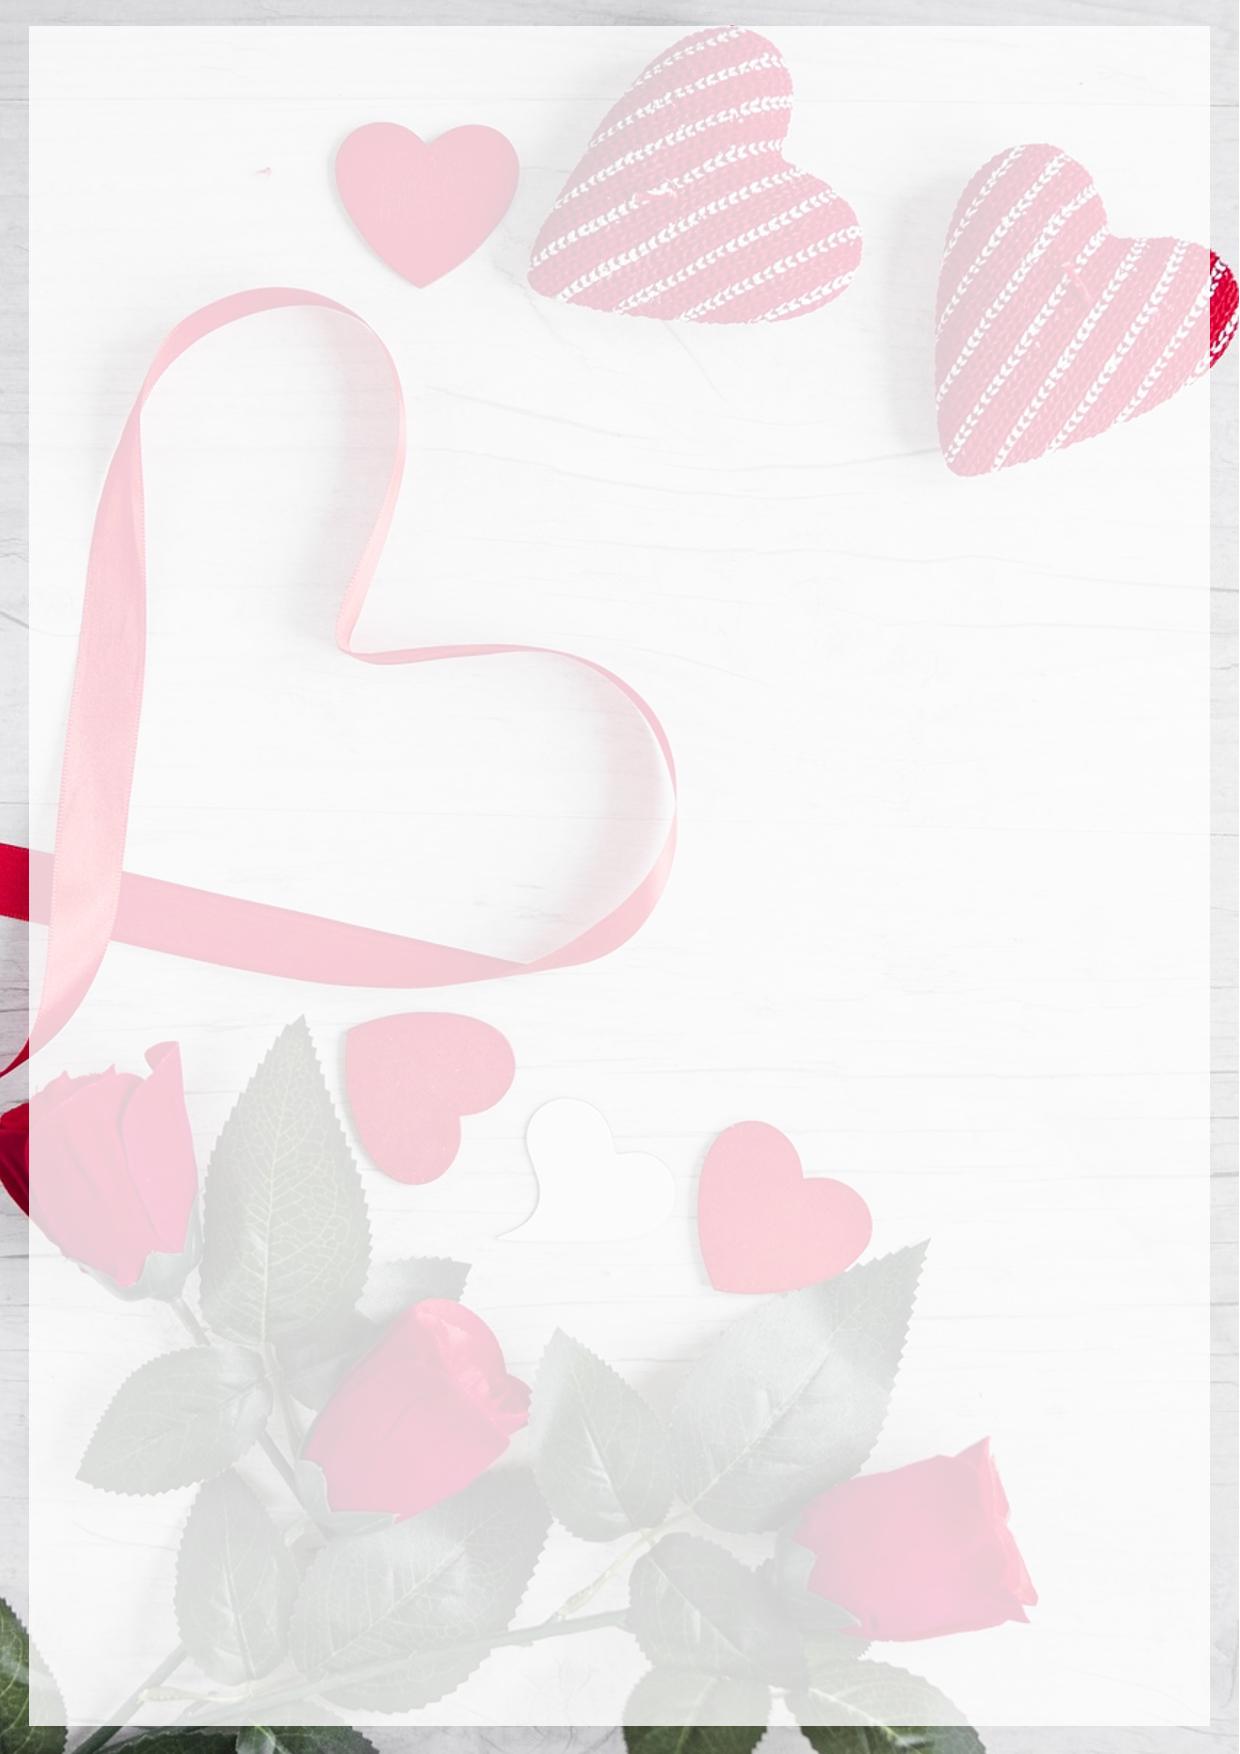 kostenloses briefpapier valentinstag vorlagen zum selbst ausdrucken 03 12 55. Black Bedroom Furniture Sets. Home Design Ideas